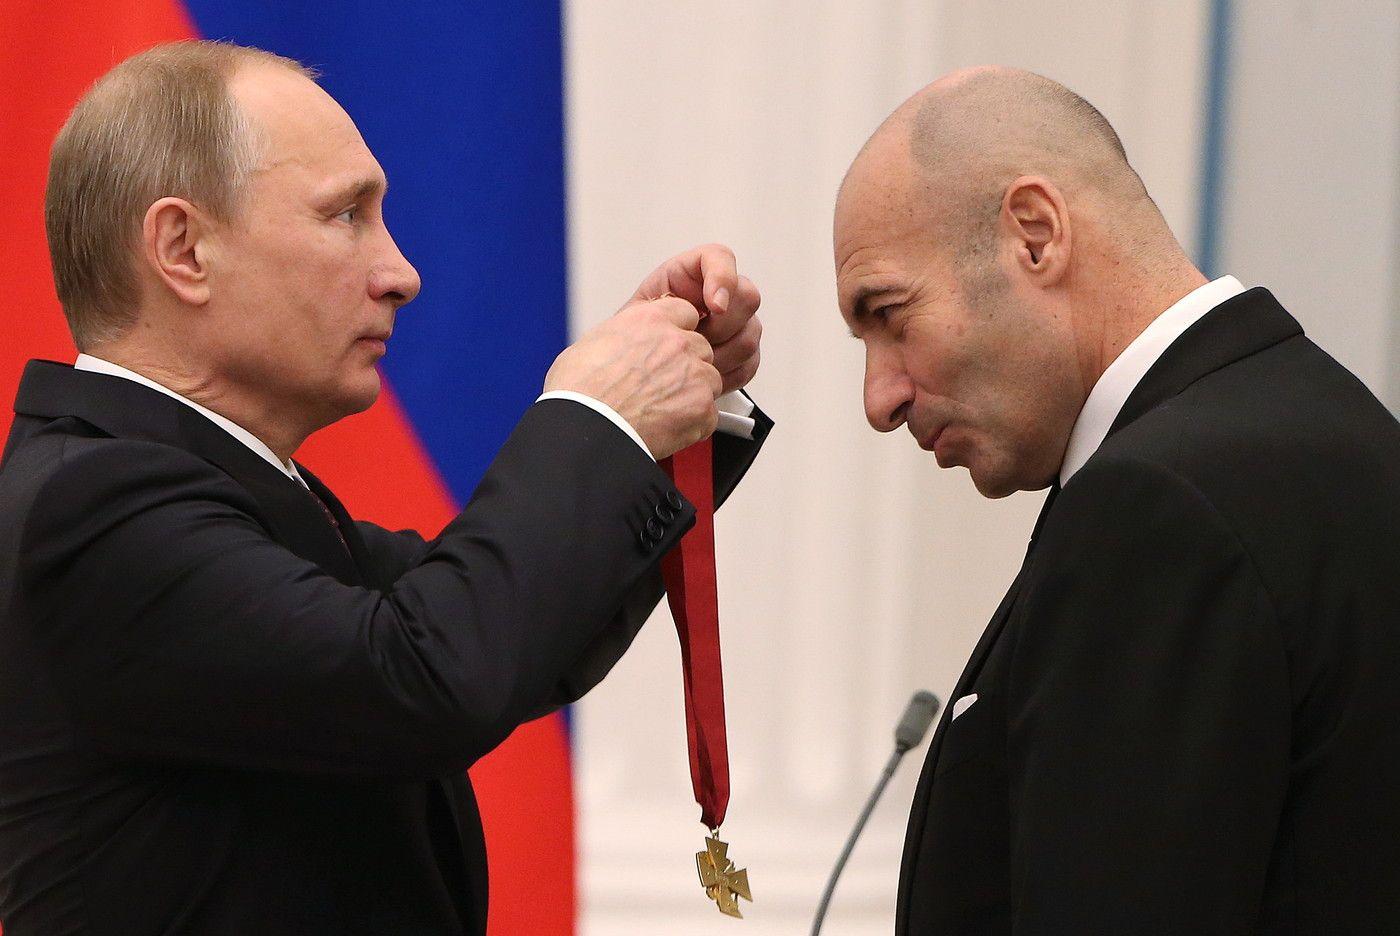 Владимир Путин вручает орден композитору Игорю Крутому.